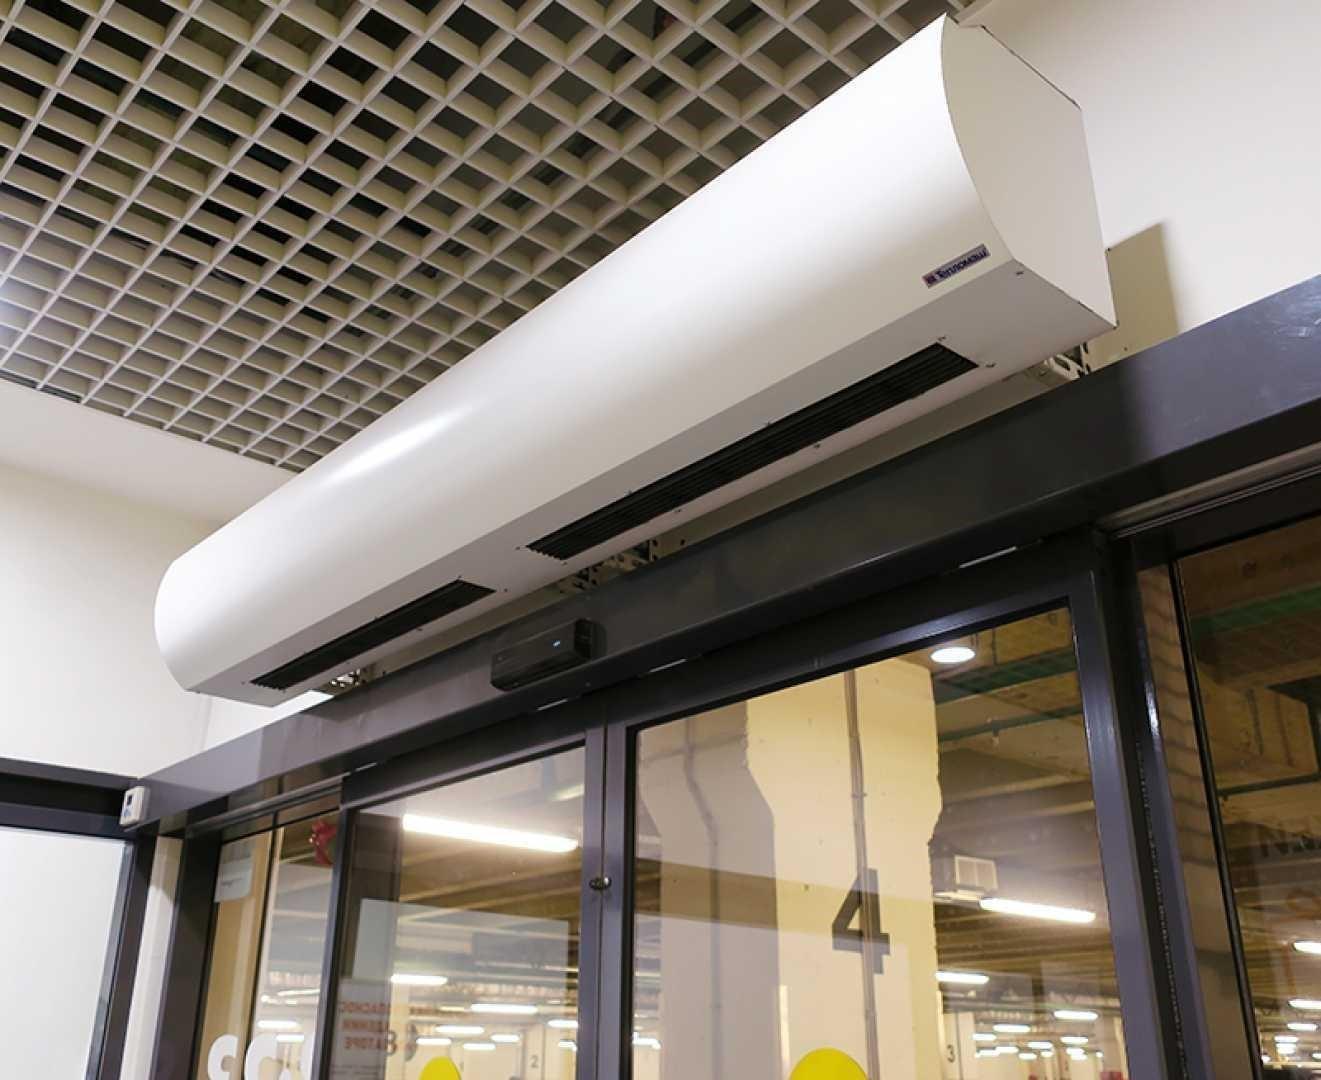 Тепловая завеса КЭВ-6П2222Е - 6 кВт (длина 1,5 м.), для проемов высотой от 2-2,5 м.